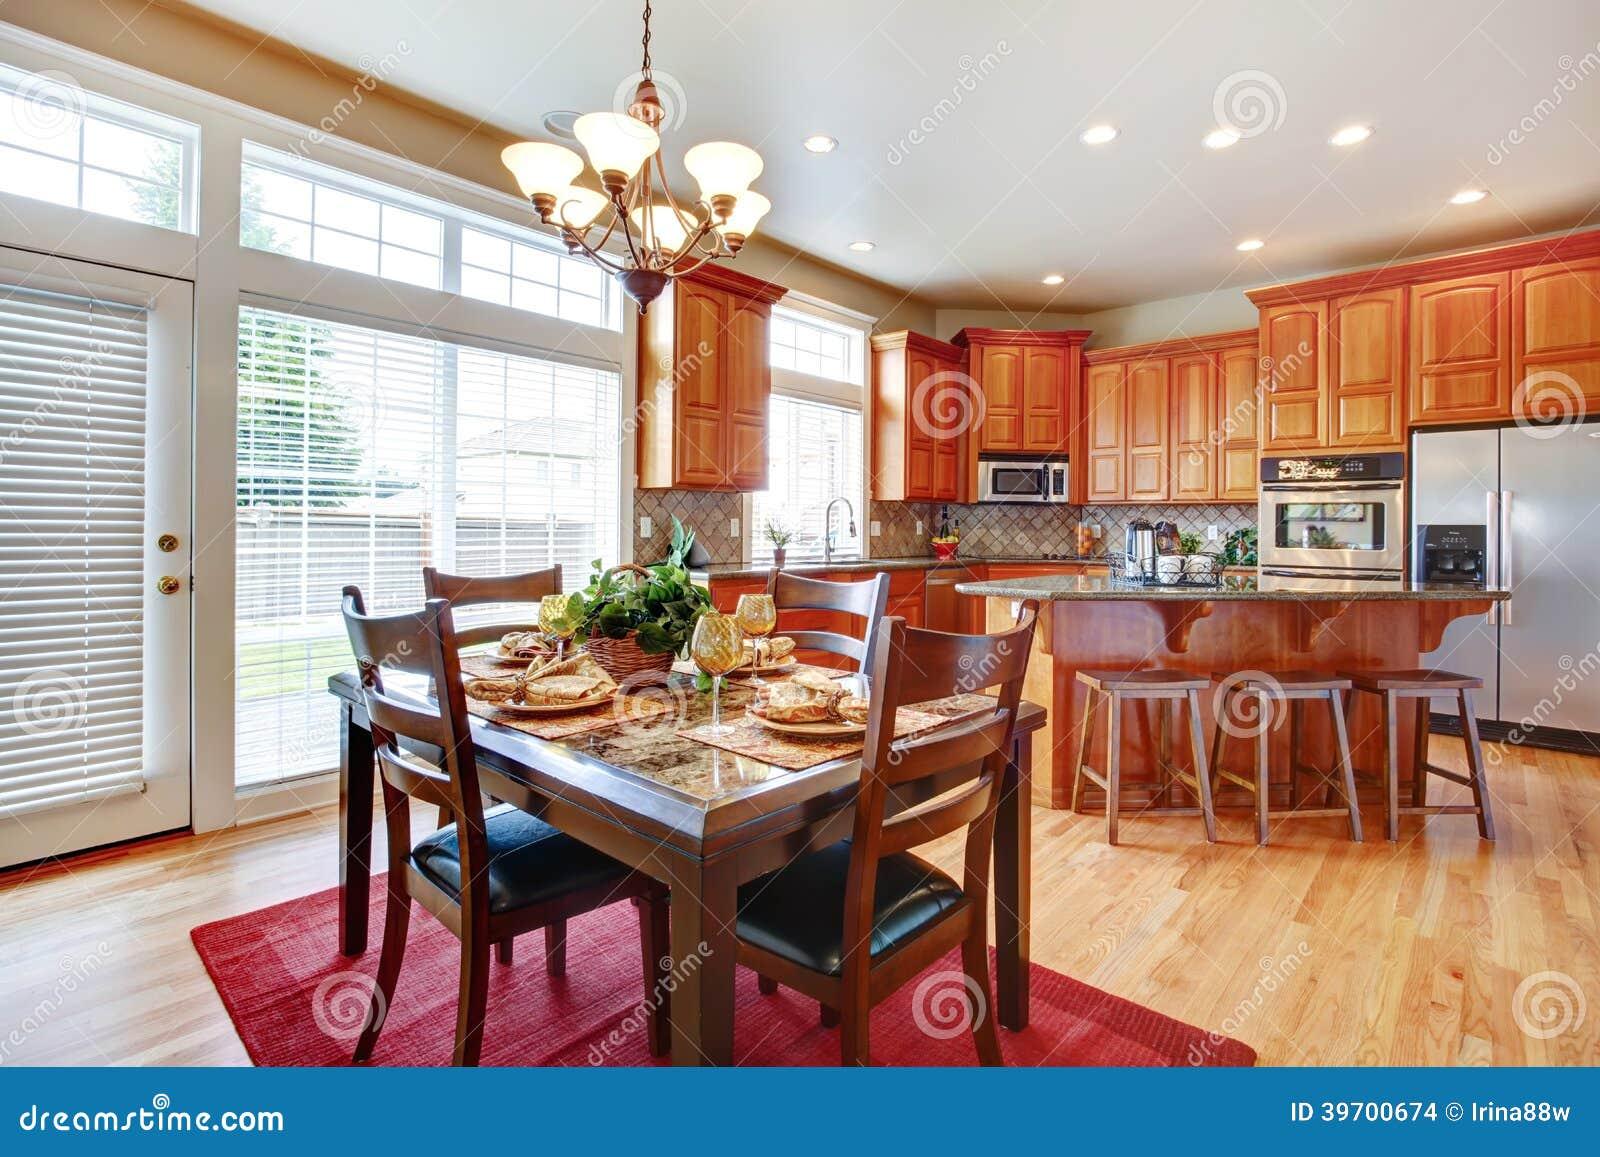 Sitio moderno de la cocina con la isla y el comedor foto de archivo imagen de americano - Cocinas con isla y comedor ...